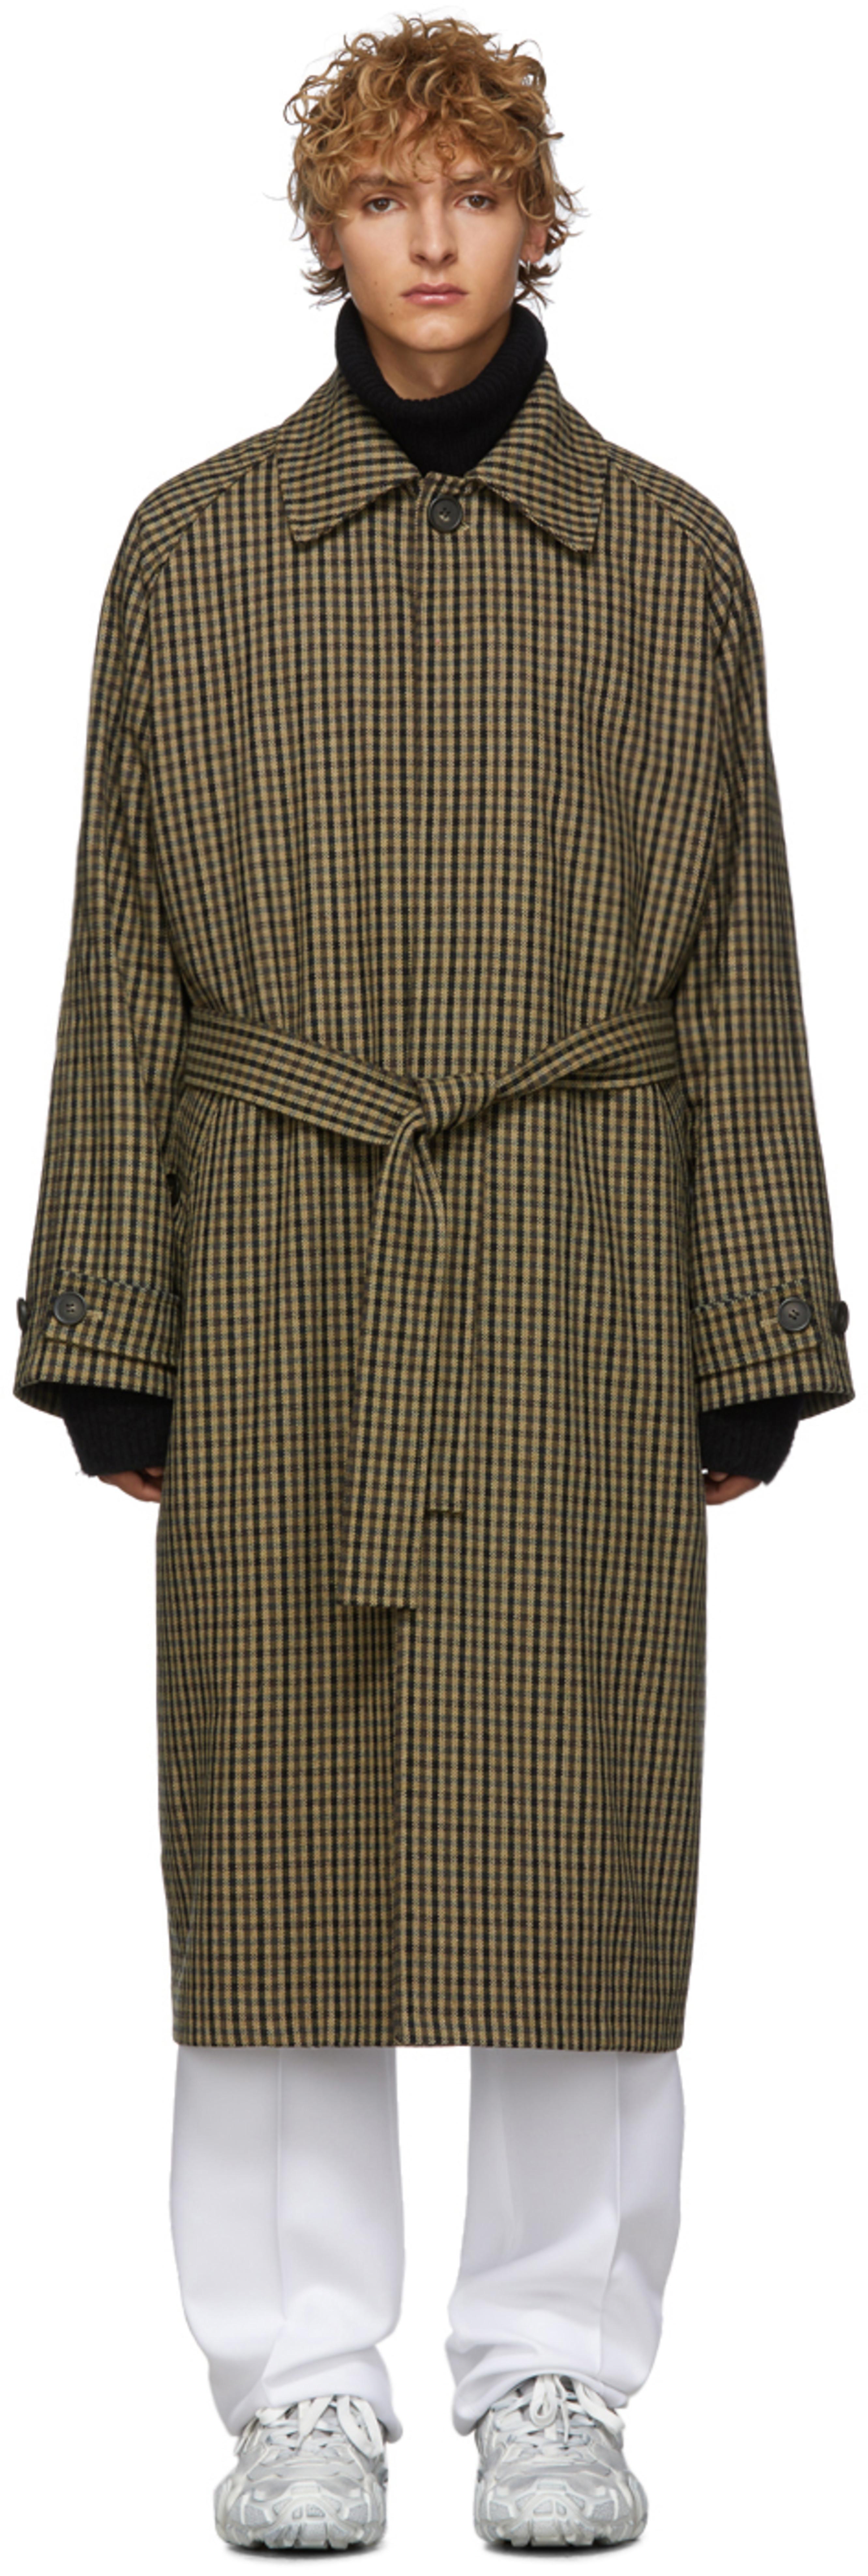 8fe5405f8 驼色 Vichy 格纹羊毛风衣